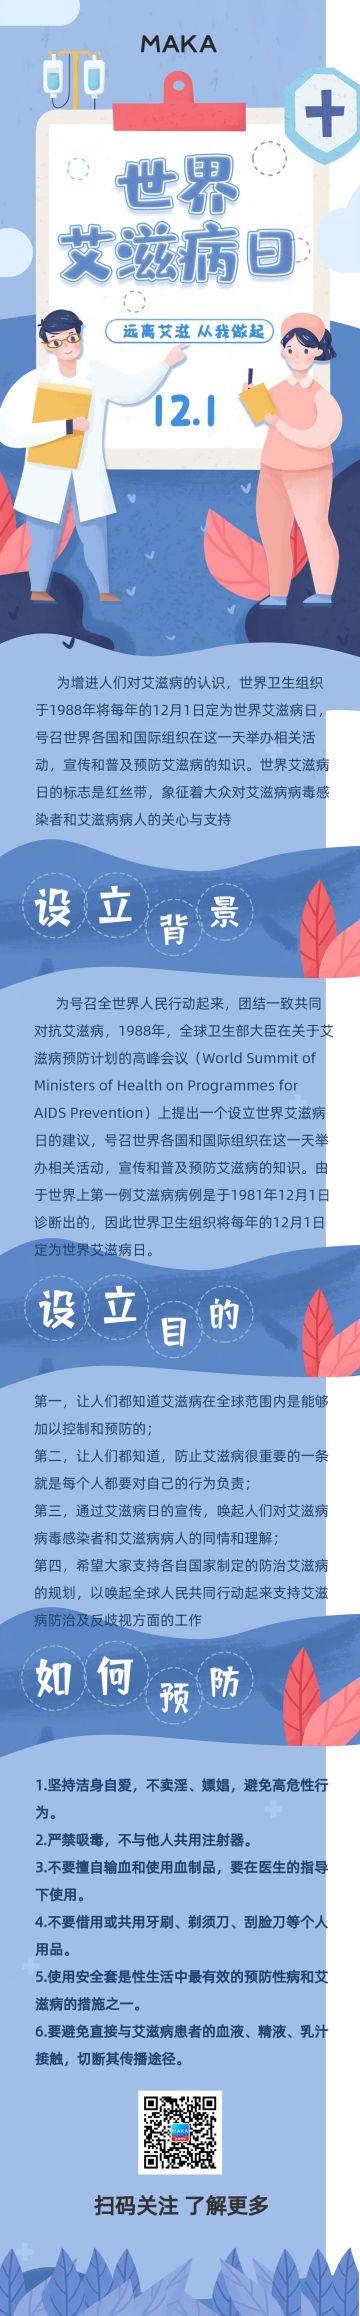 蓝色简约世界艾滋病日公益宣传长页